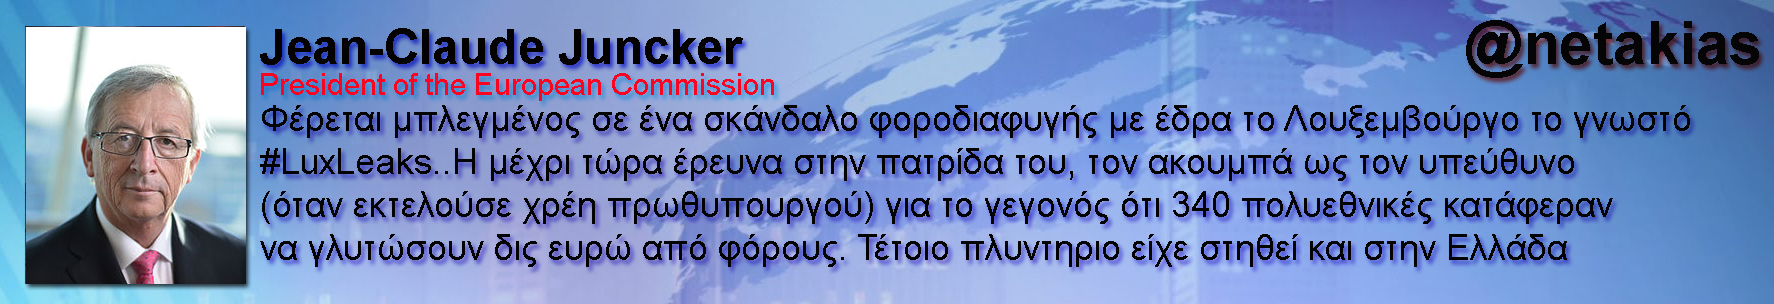 Εργα και Ημέρες του Ζαν-Κλοντ Γιούνκερ @Atsipras @PanosKammenos @Pablo_Iglesias_